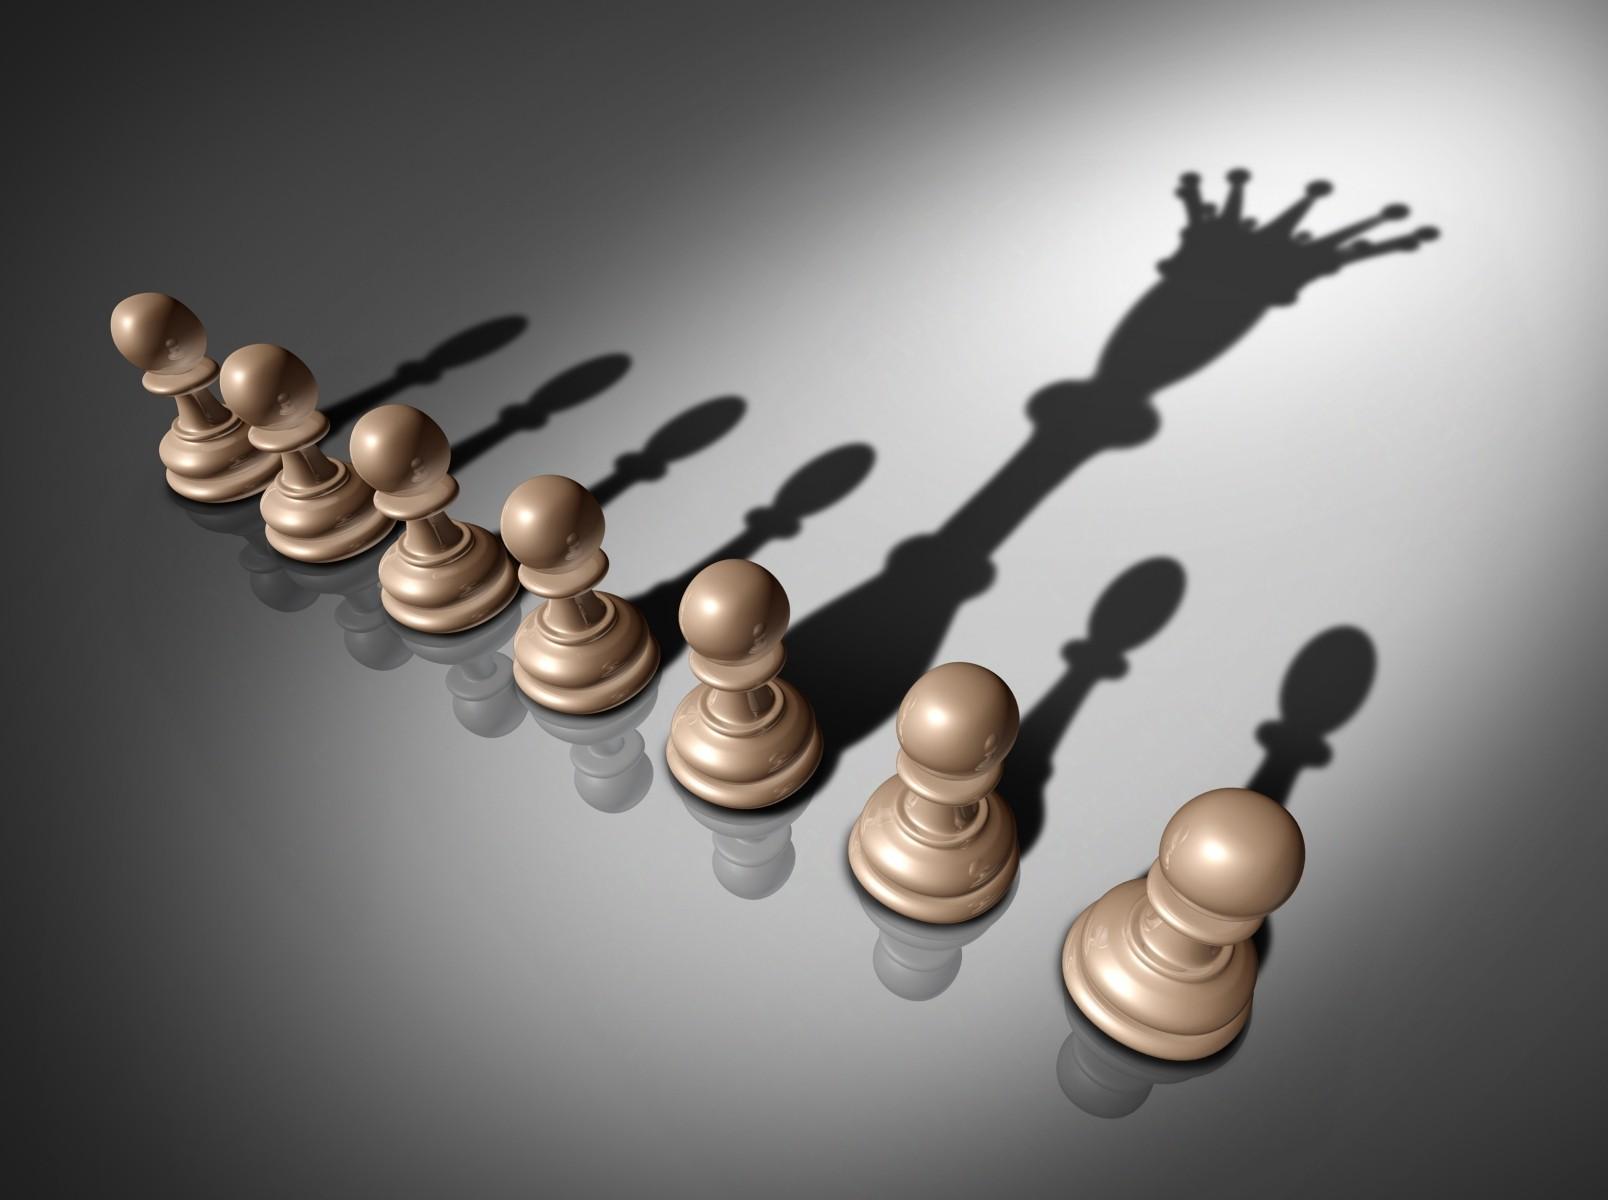 Bidak catur sebagai ilustrasi kepemimpinan